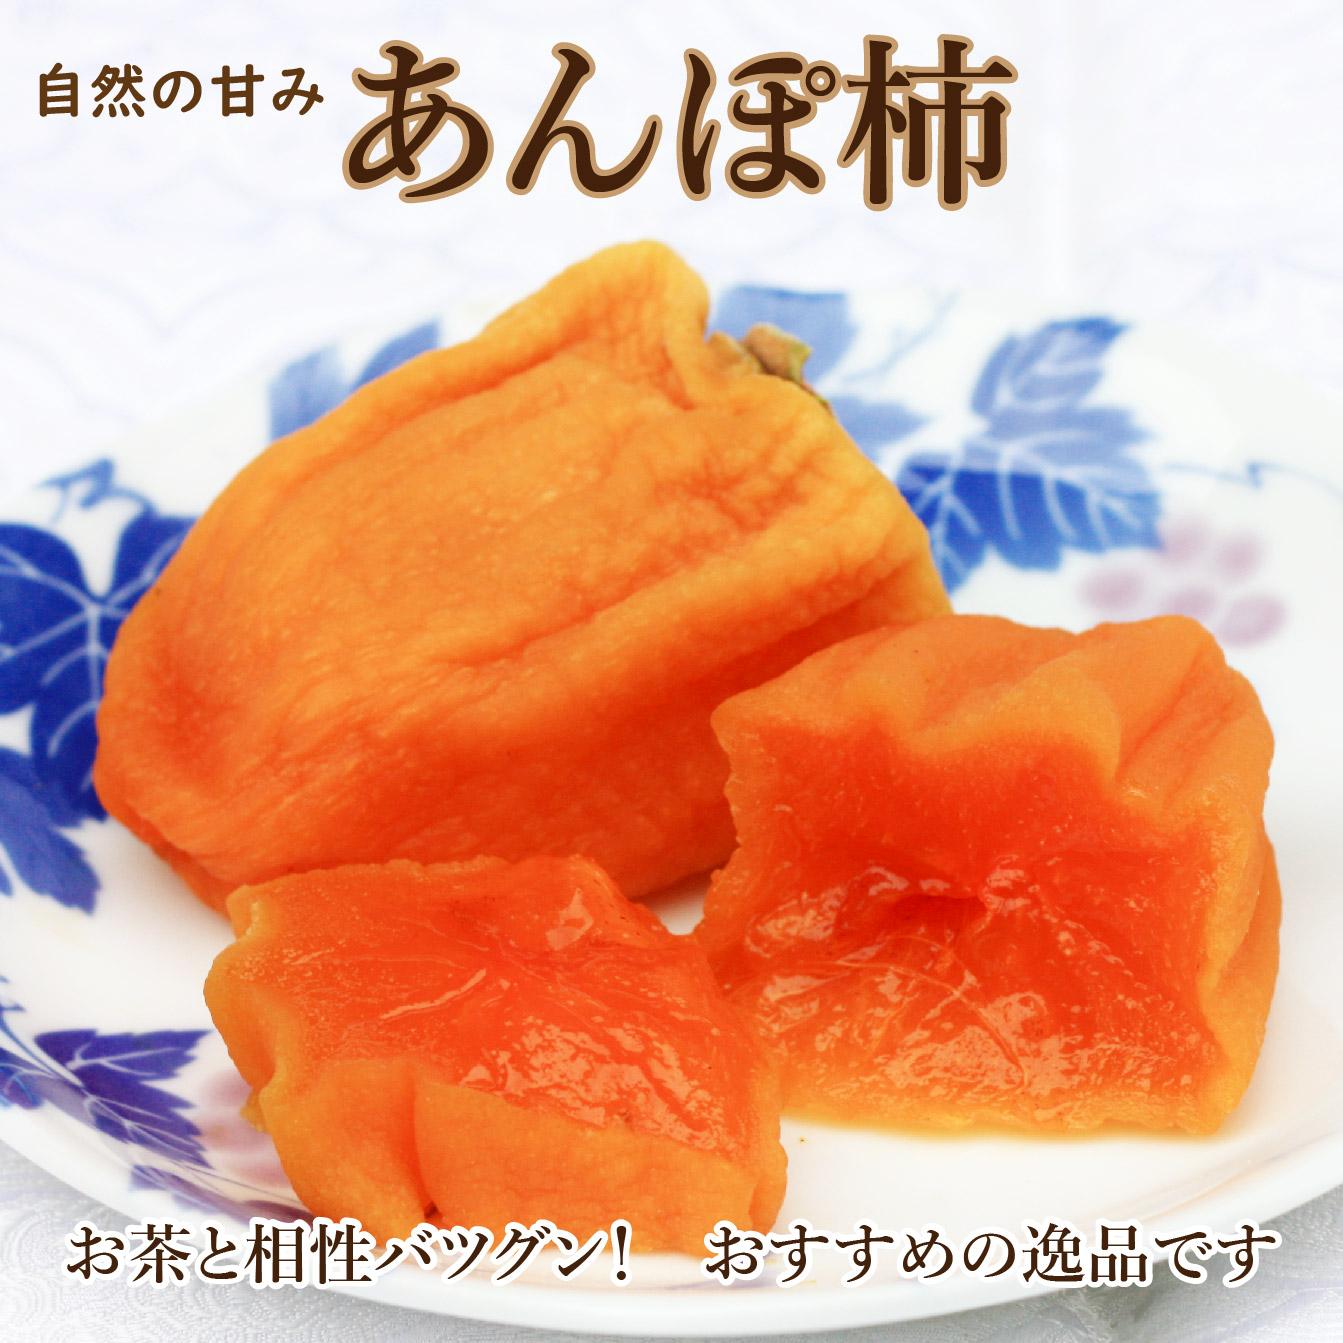 【頂級日本柿干】5盒💥限量特價💥$1100💥